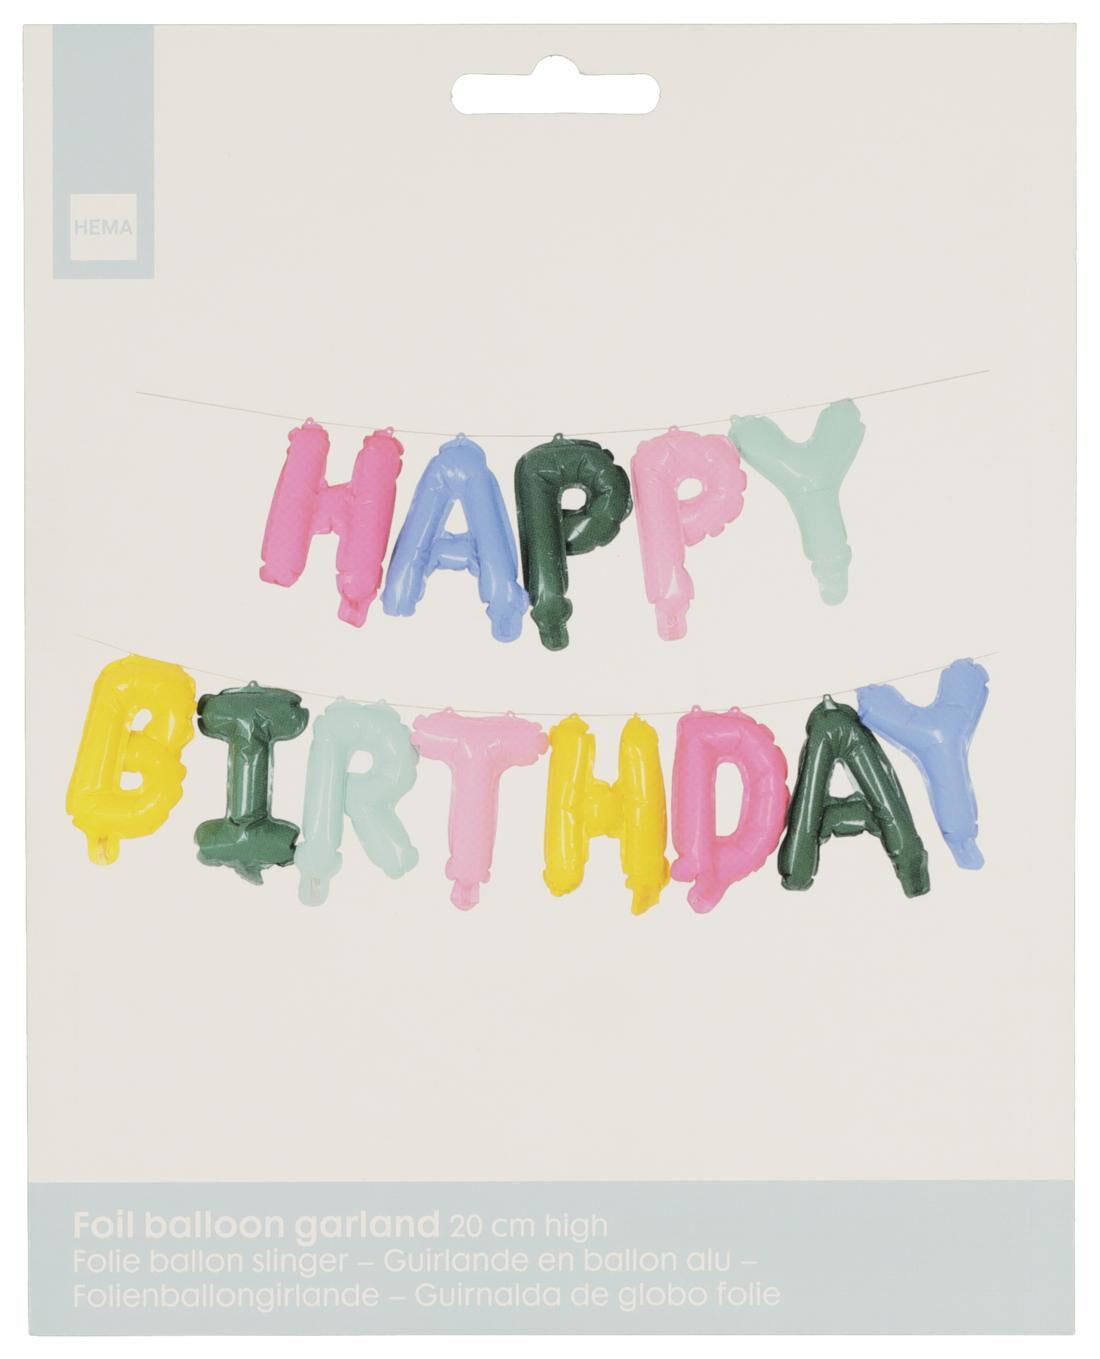 HEMA Folieballon Happy Birthday